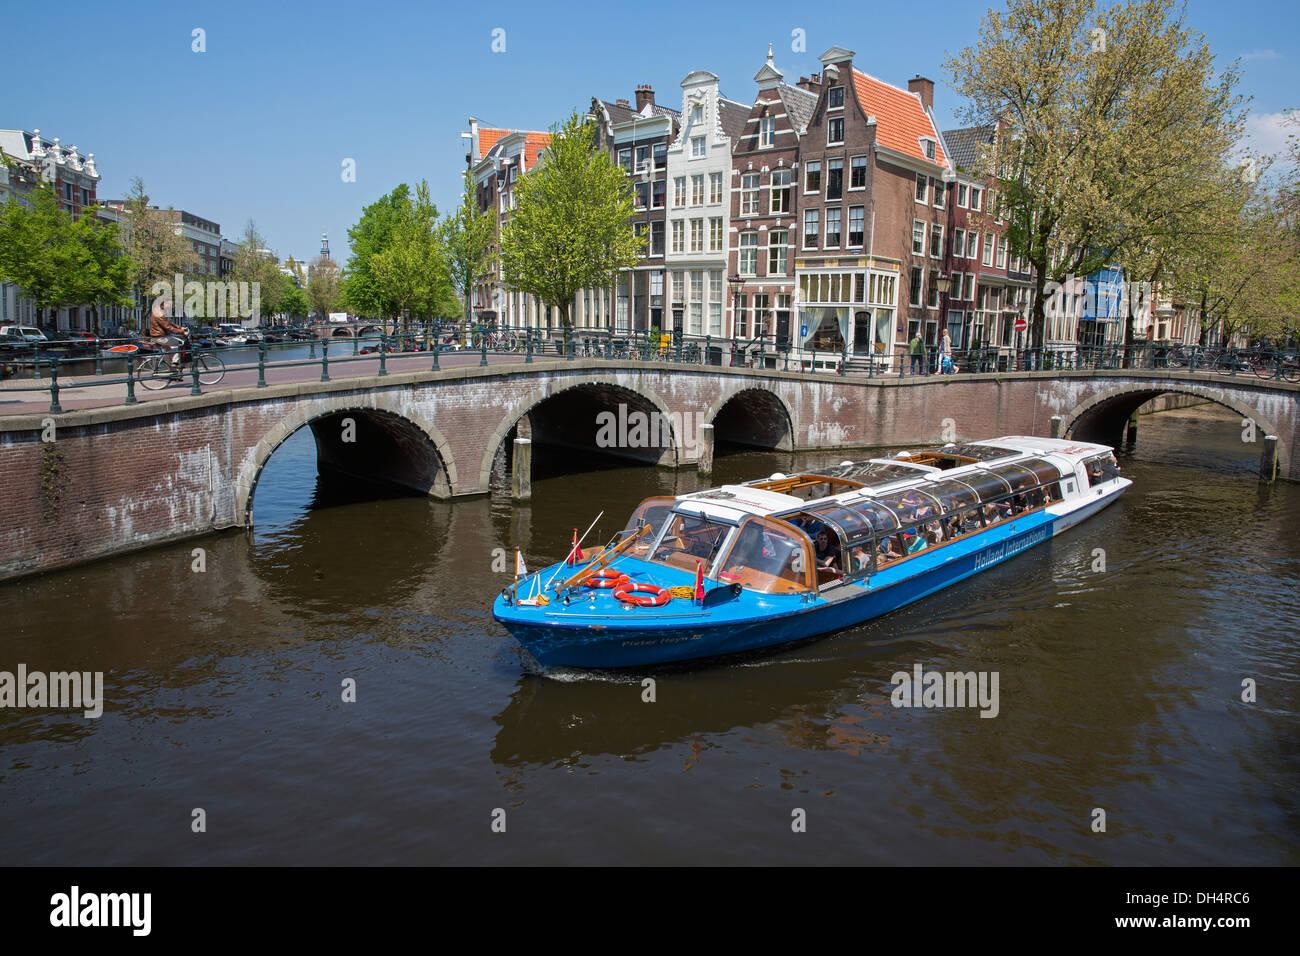 Paesi Bassi, Amsterdam, attraversamento di canali chiamati Keizersgracht e Leidsegracht. UNESCO - Sito Patrimonio dell'umanità. Viaggio di andata e ritorno in battello. Canal o tour in barca. Foto Stock